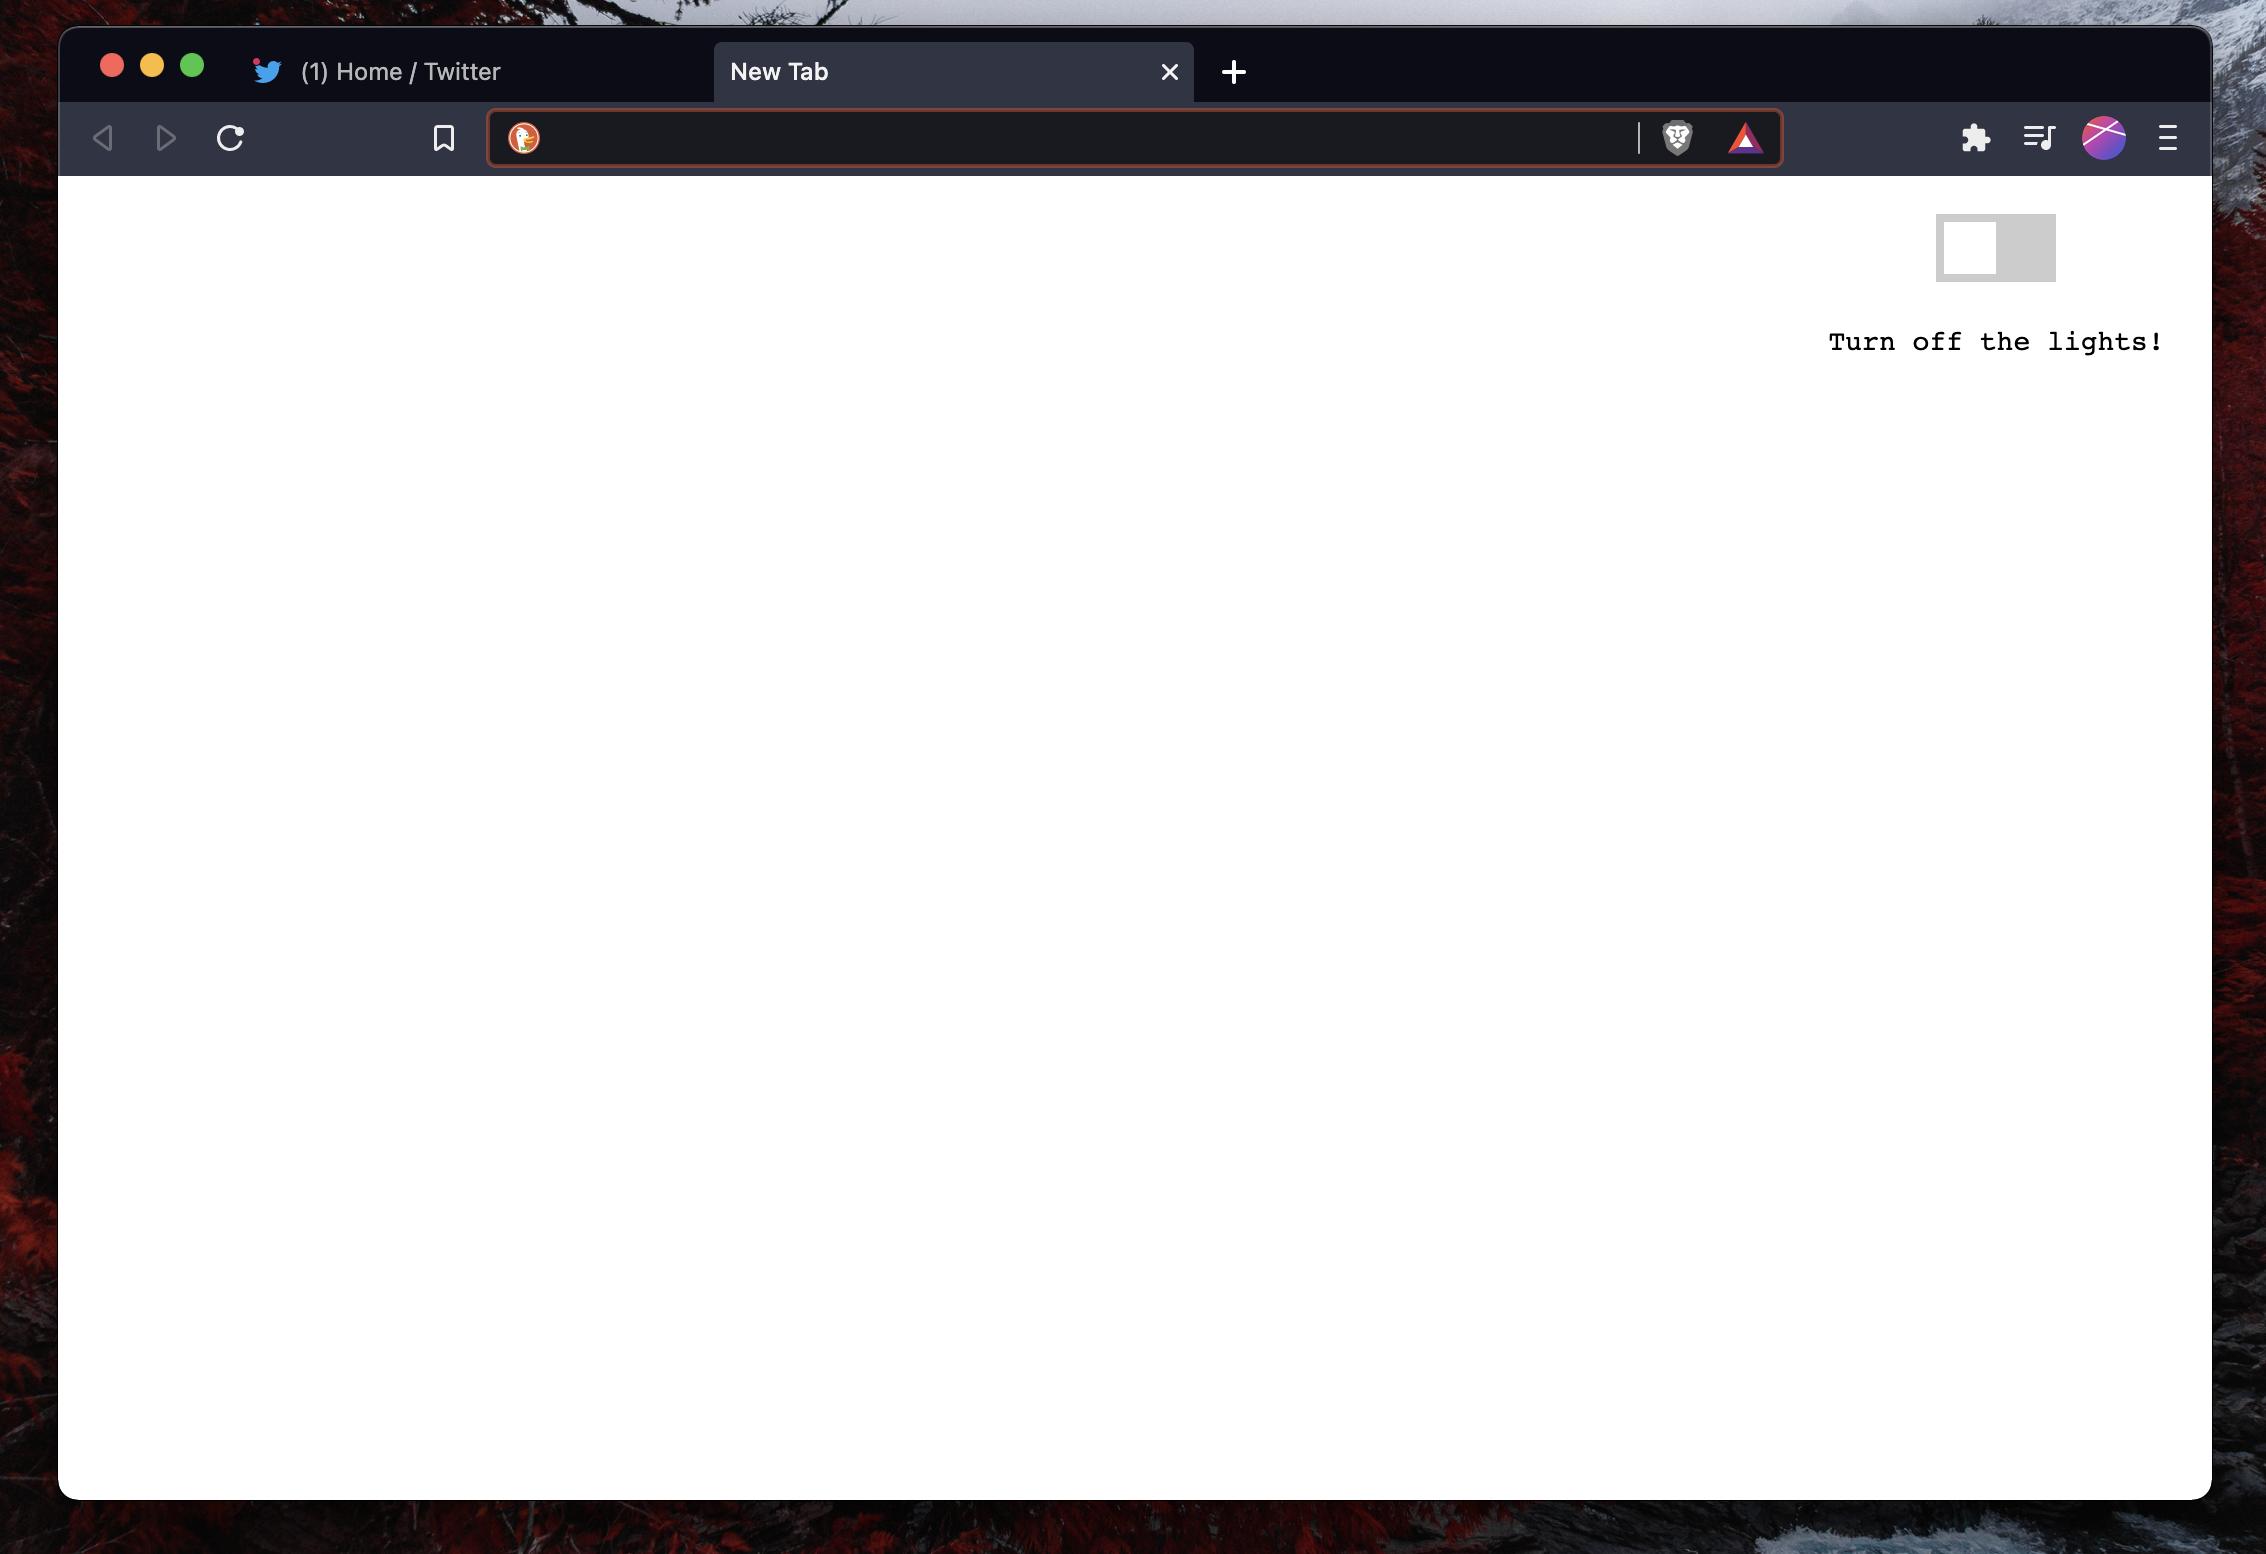 Screenshot 2021-04-23 at 06.22.33.png